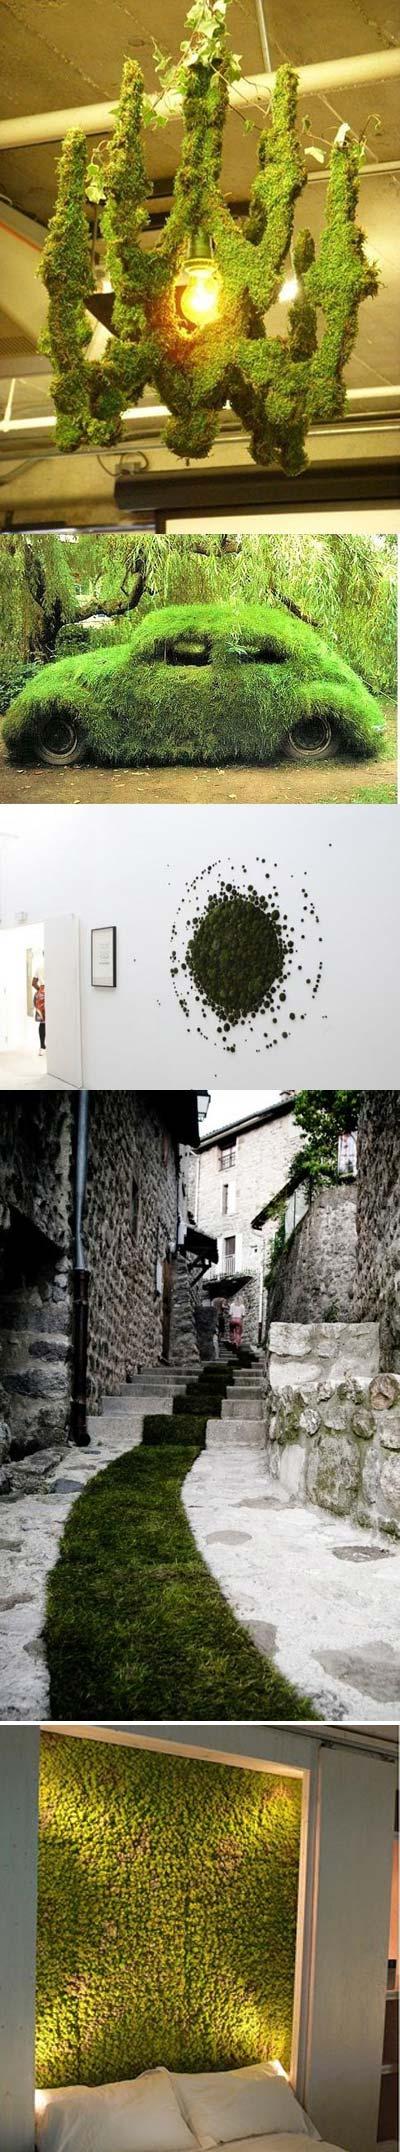 آشنایی با خزه گرافیتی , نحوه درست کردن خزه های گرافیتی